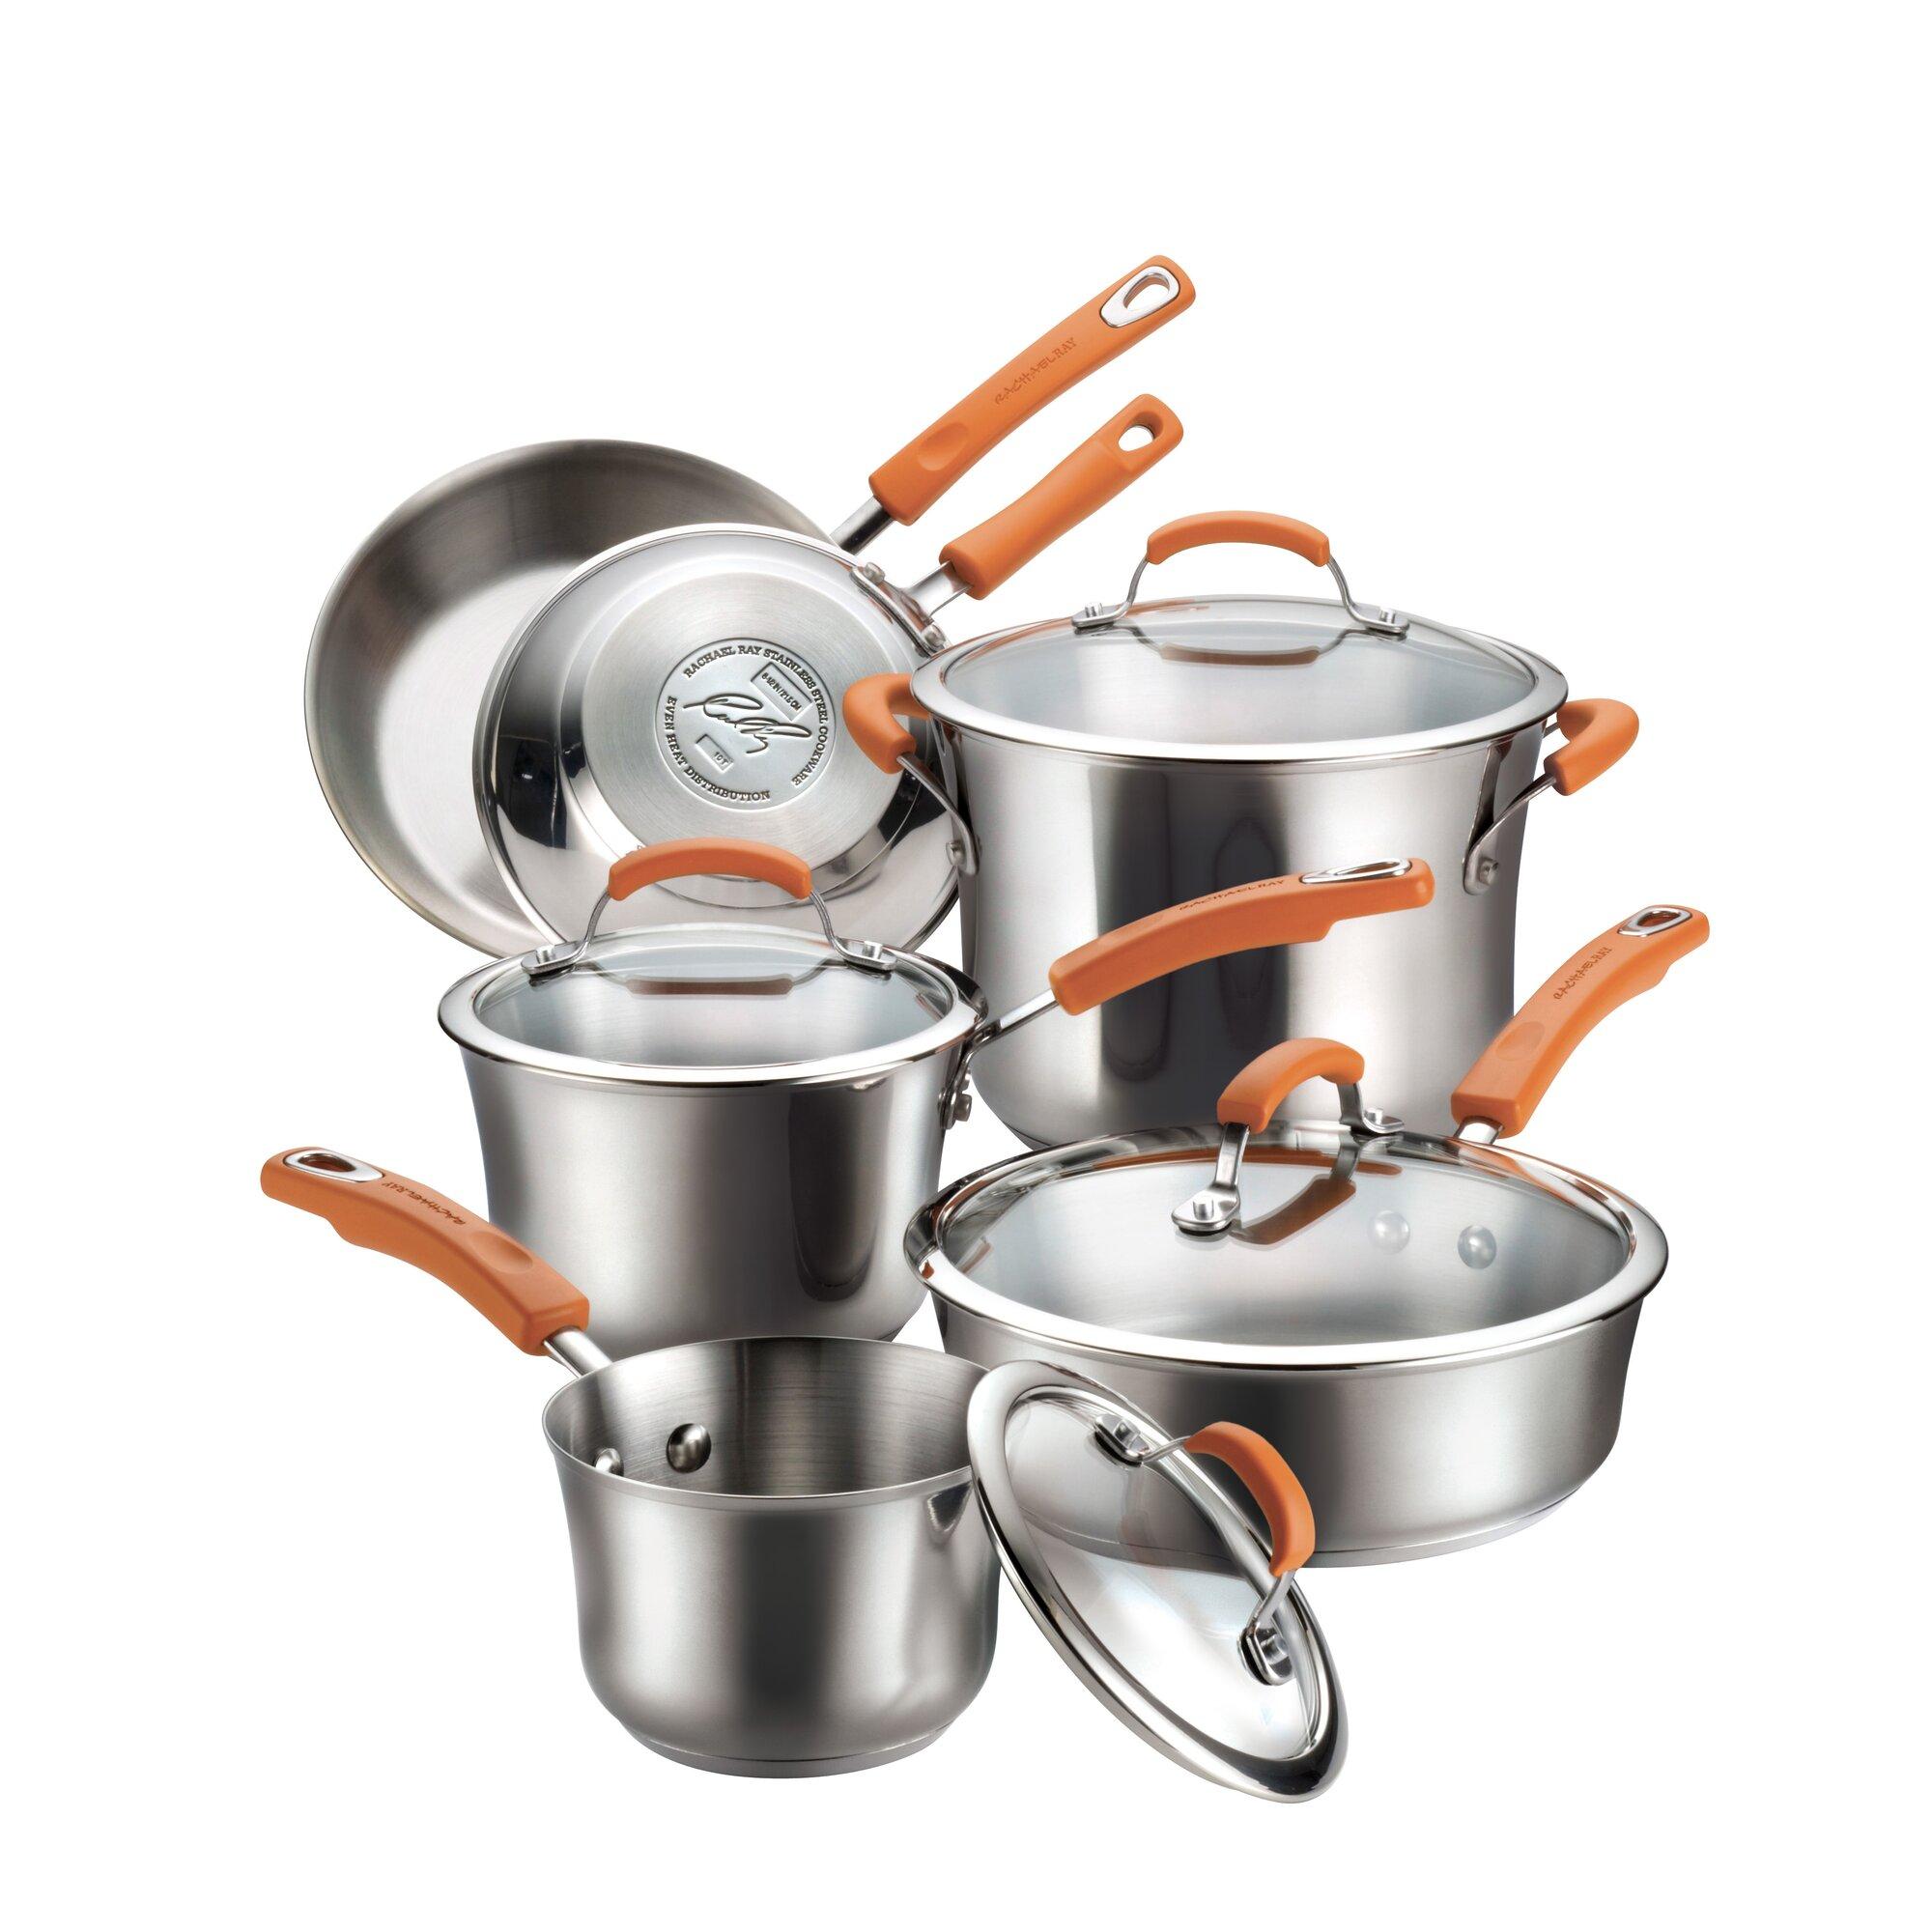 Rachael Ray 10 Piece Stainless Steel Cookware Set & Reviews | Wayfair